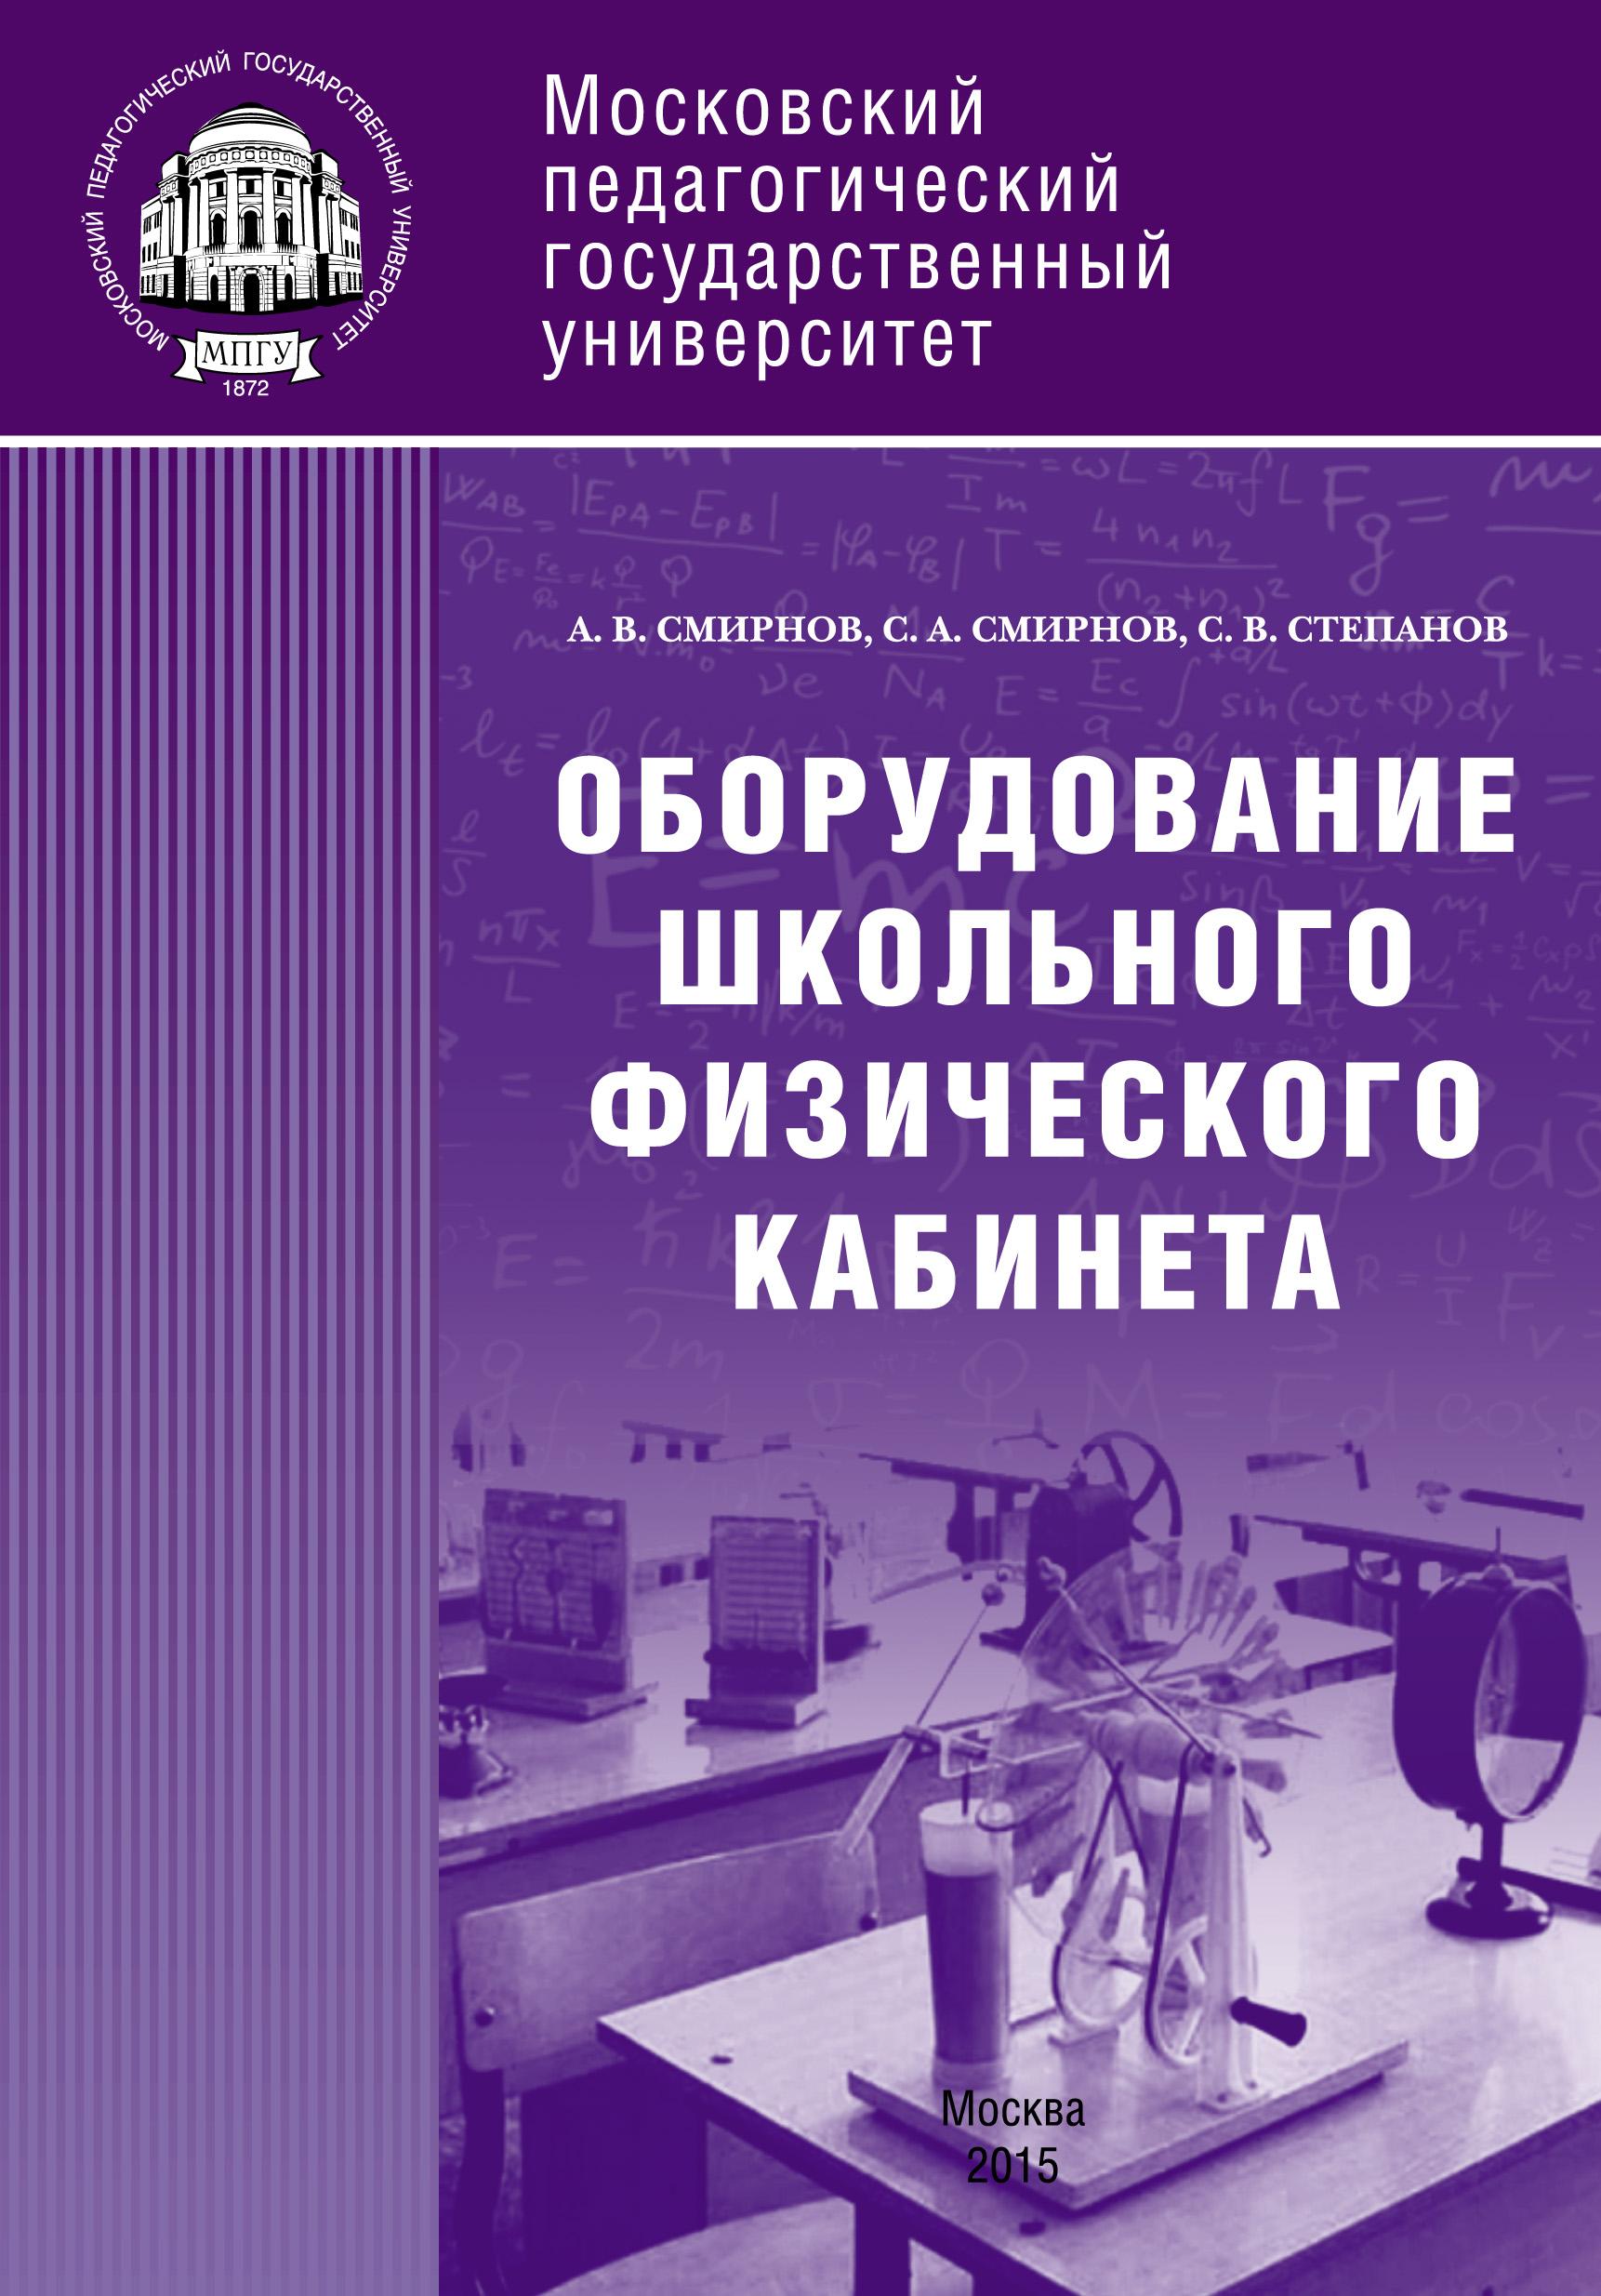 С. В. Степанов Оборудование школьного физического кабинета для кабинета